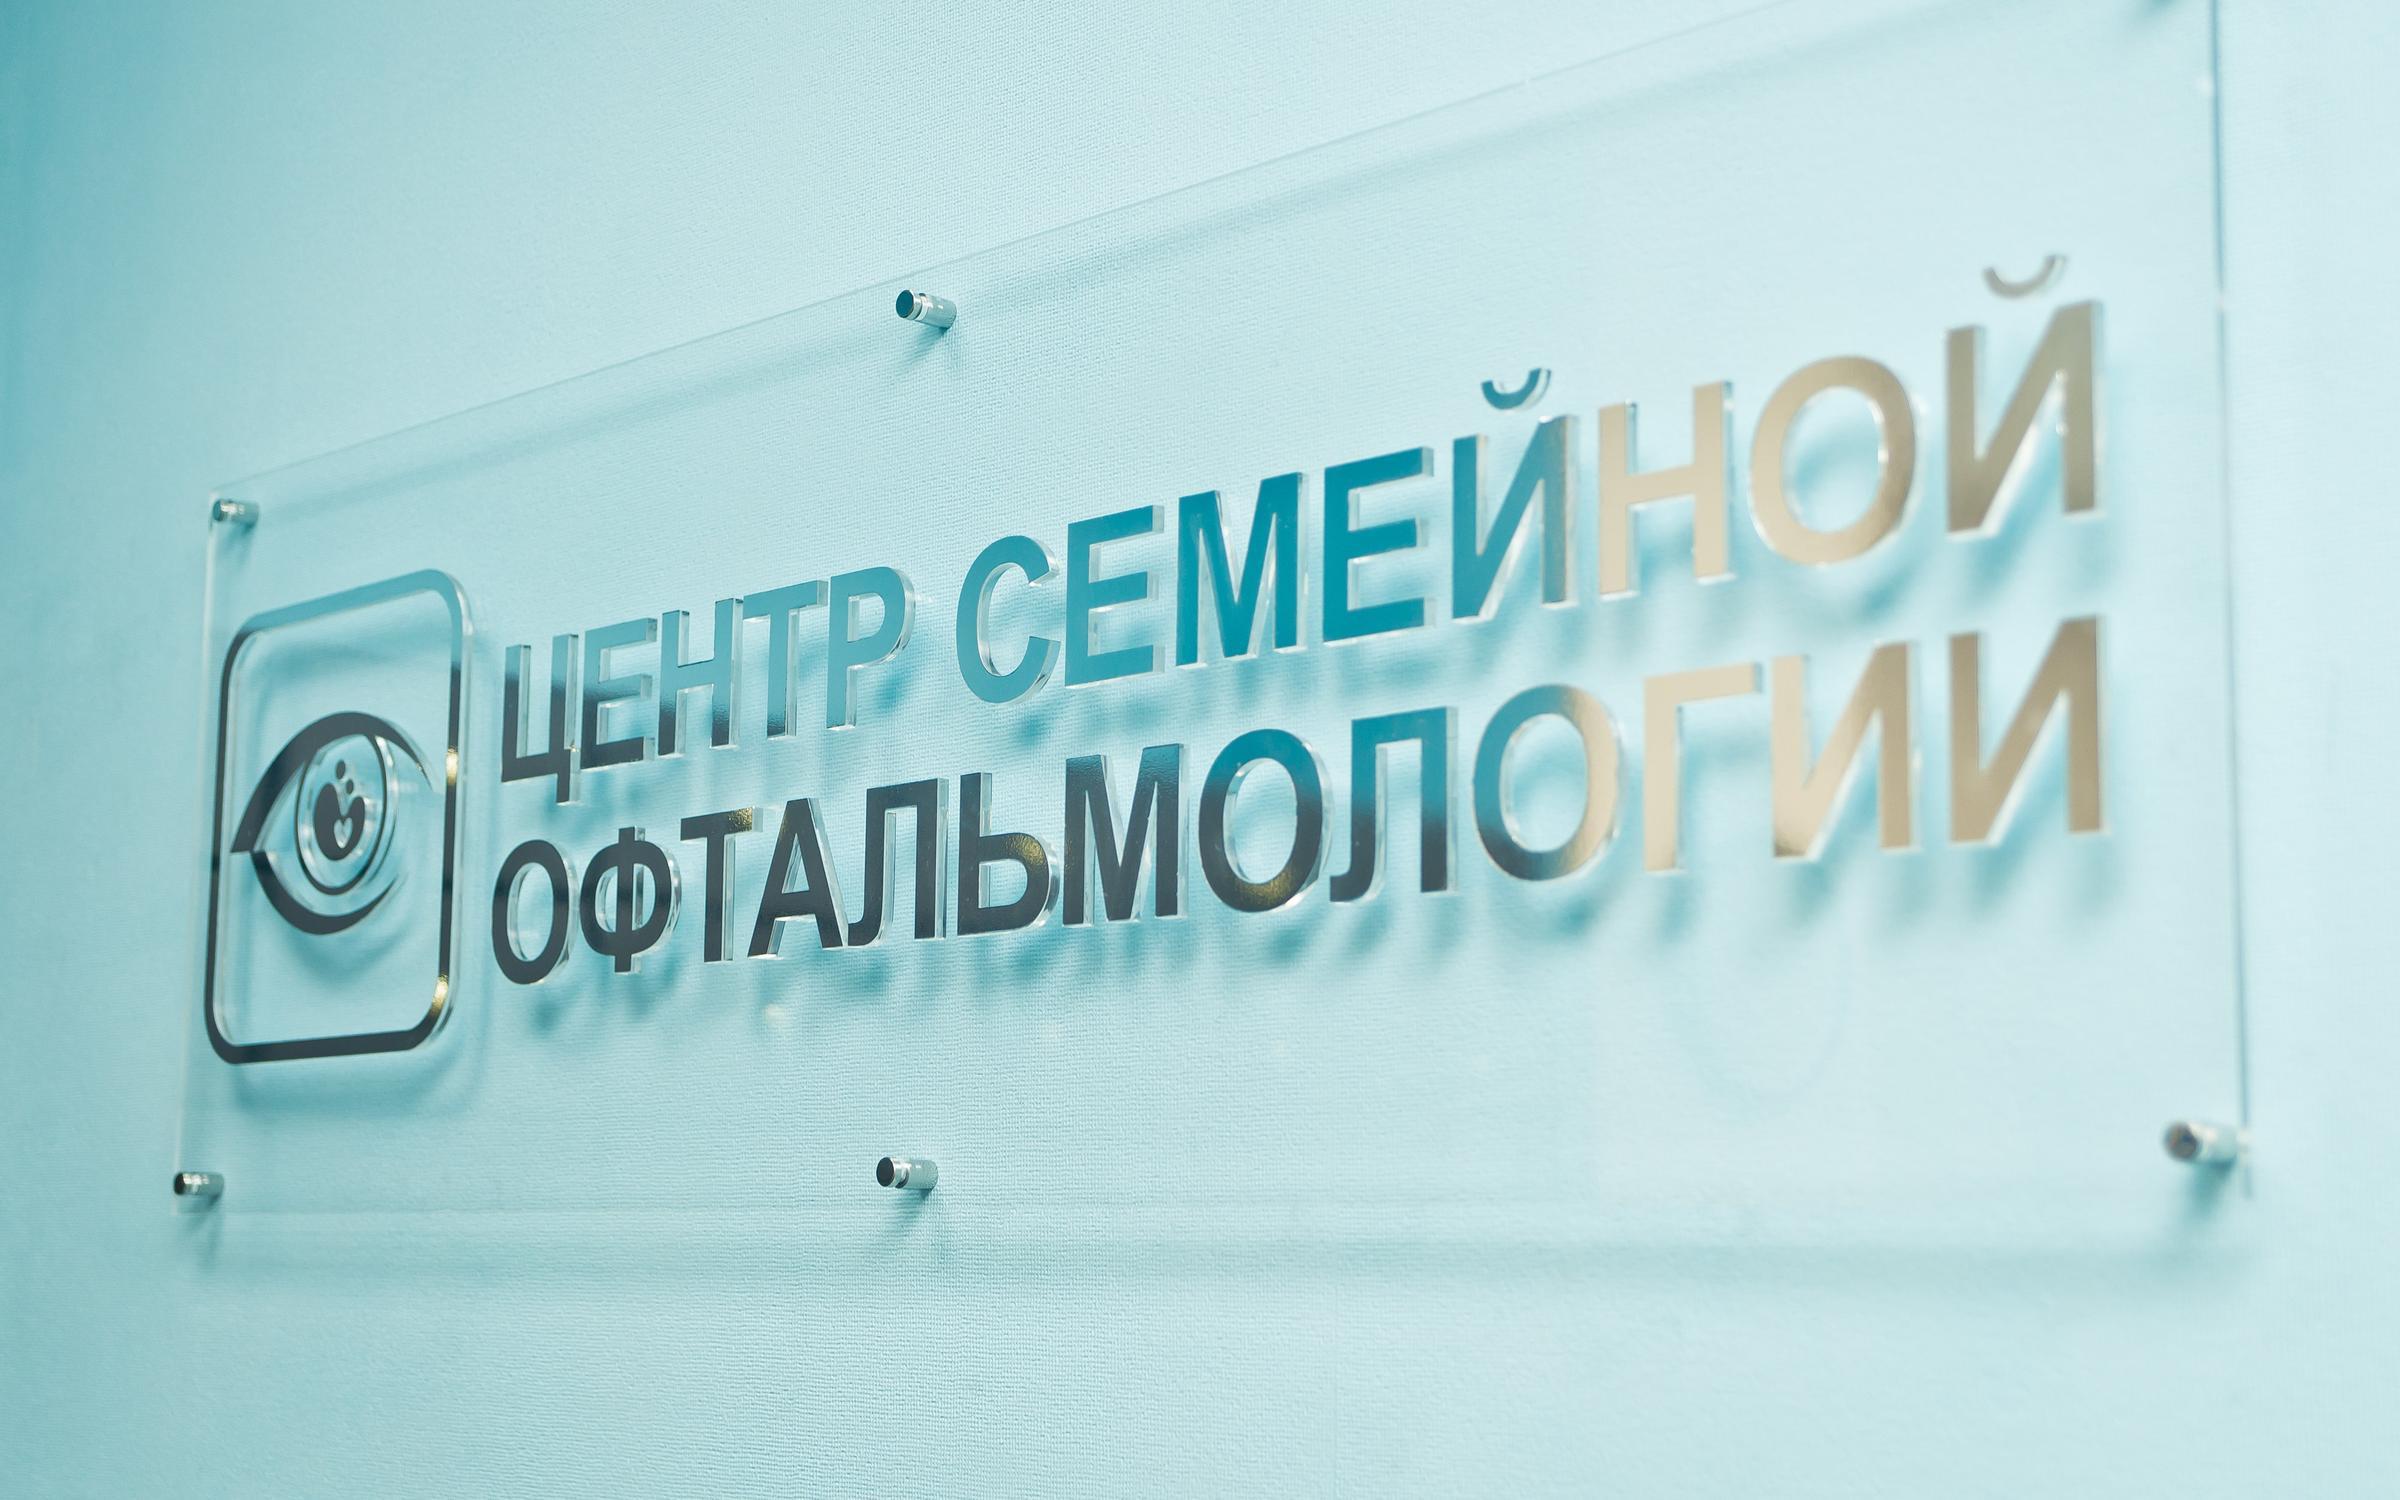 фотография Медицинского центра Центр семейной офтальмологии